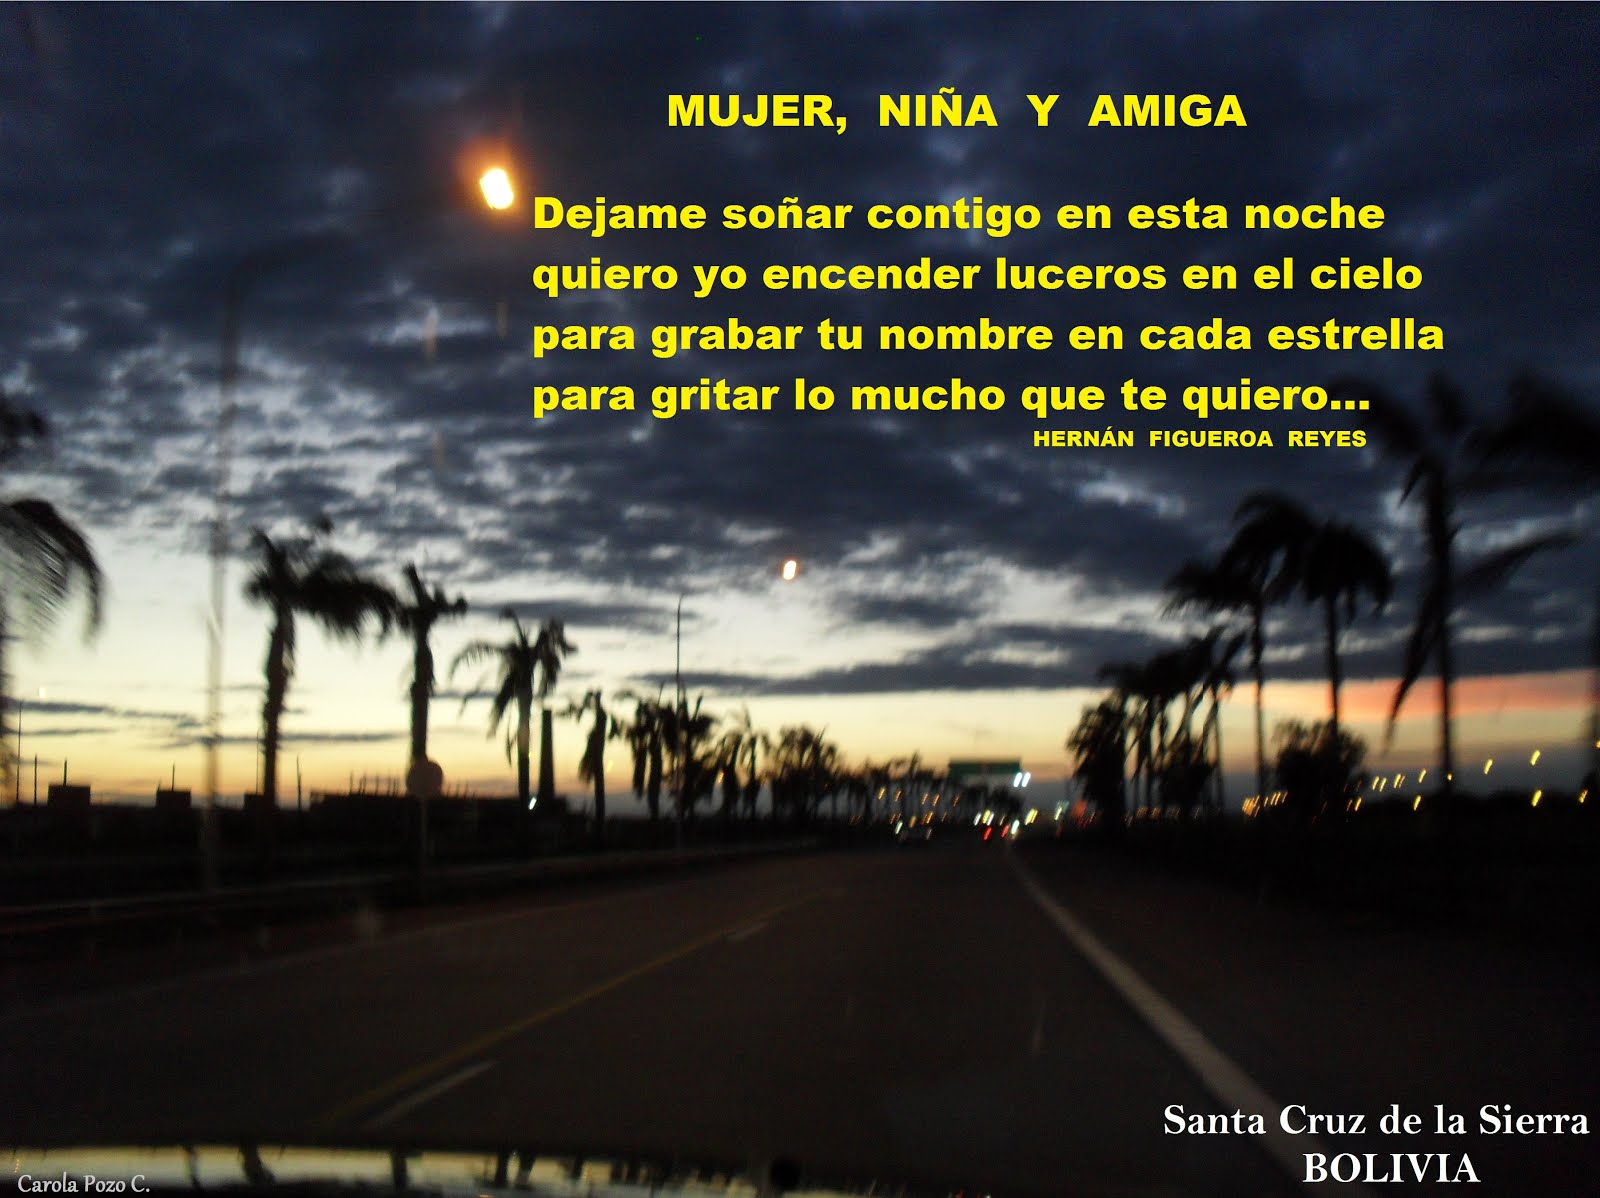 MUJER, NIÑA Y AMIGA (Hernan Figueroa Reyes)